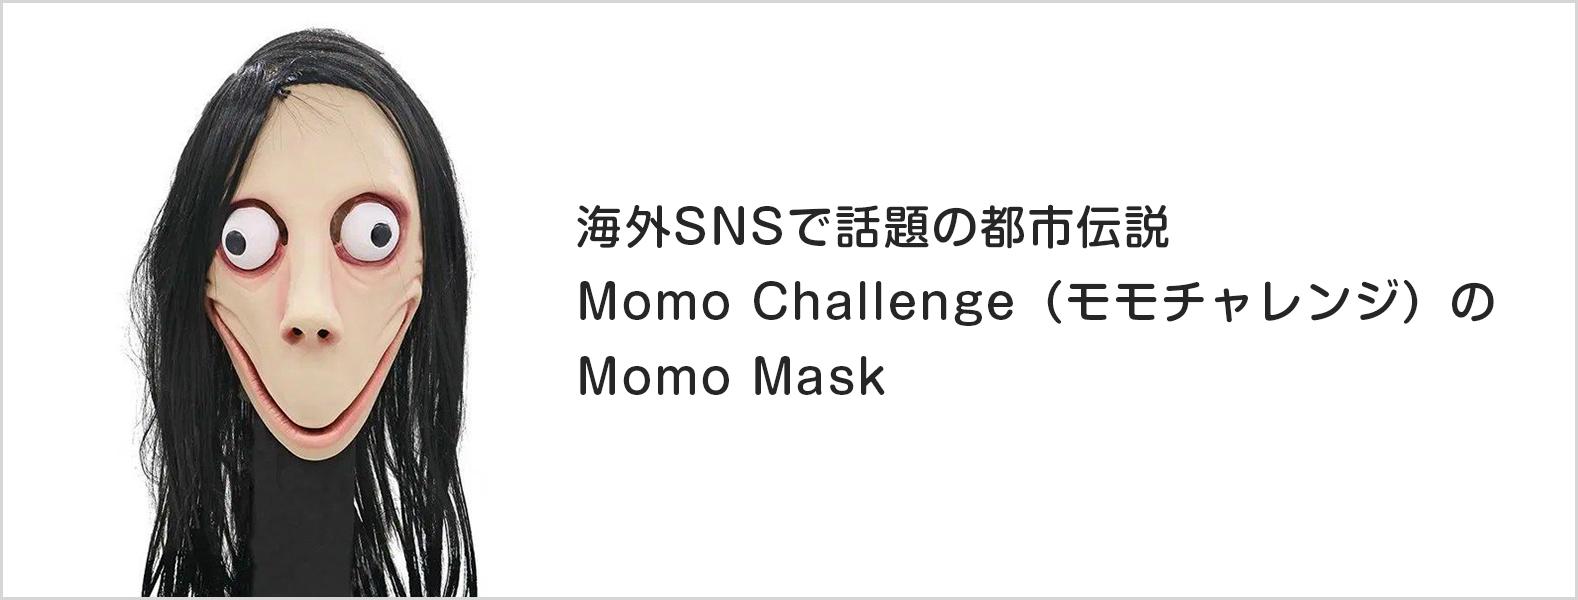 海外SNSで話題の都市伝説Momo Challenge(モモチャレンジ)のMomo Mask